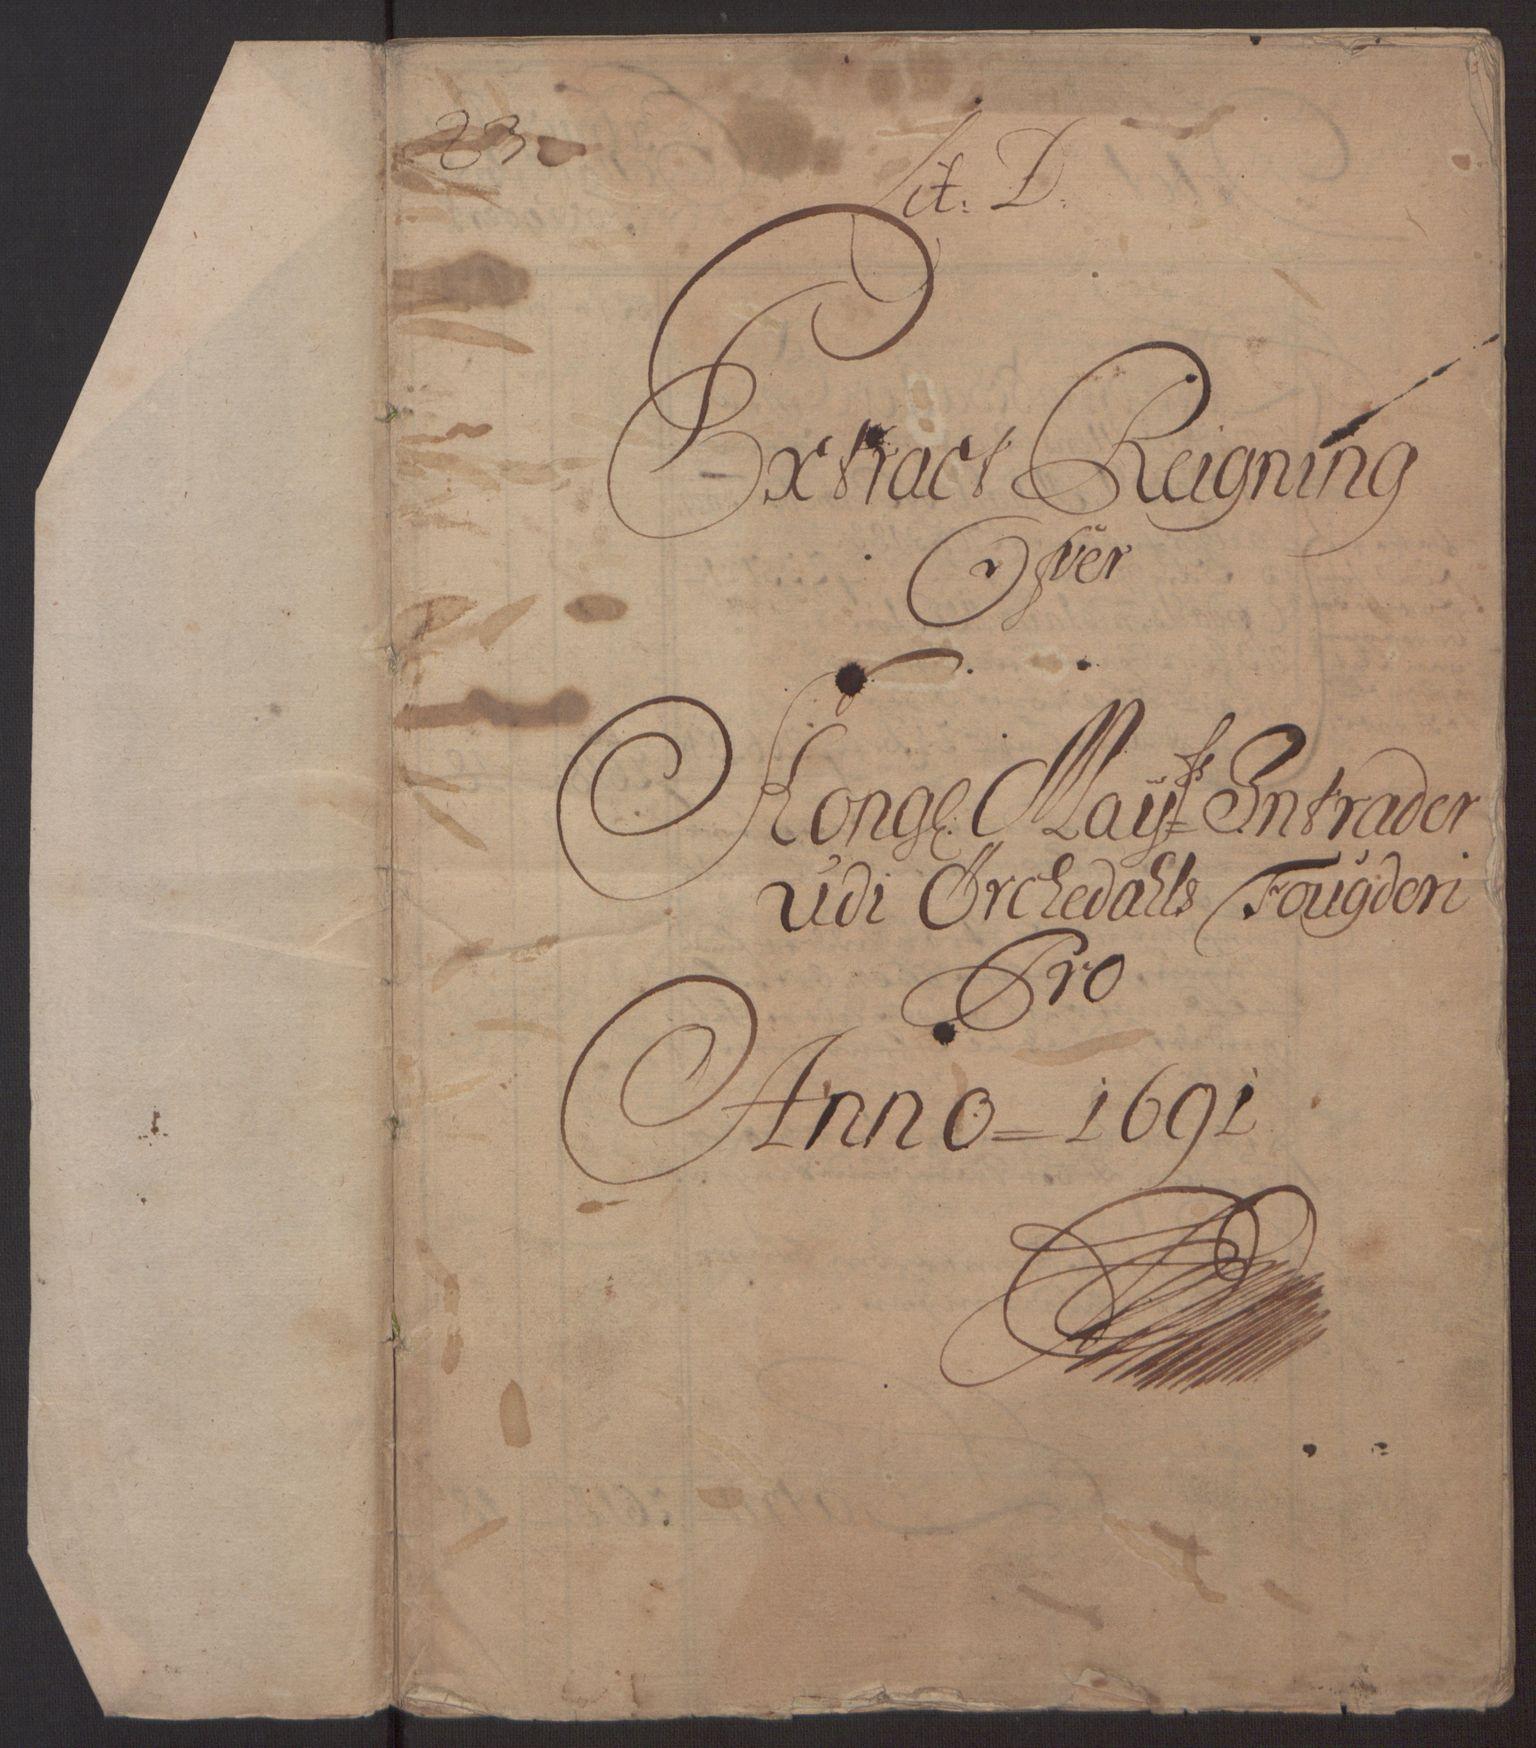 RA, Rentekammeret inntil 1814, Reviderte regnskaper, Fogderegnskap, R58/L3937: Fogderegnskap Orkdal, 1691-1692, s. 6